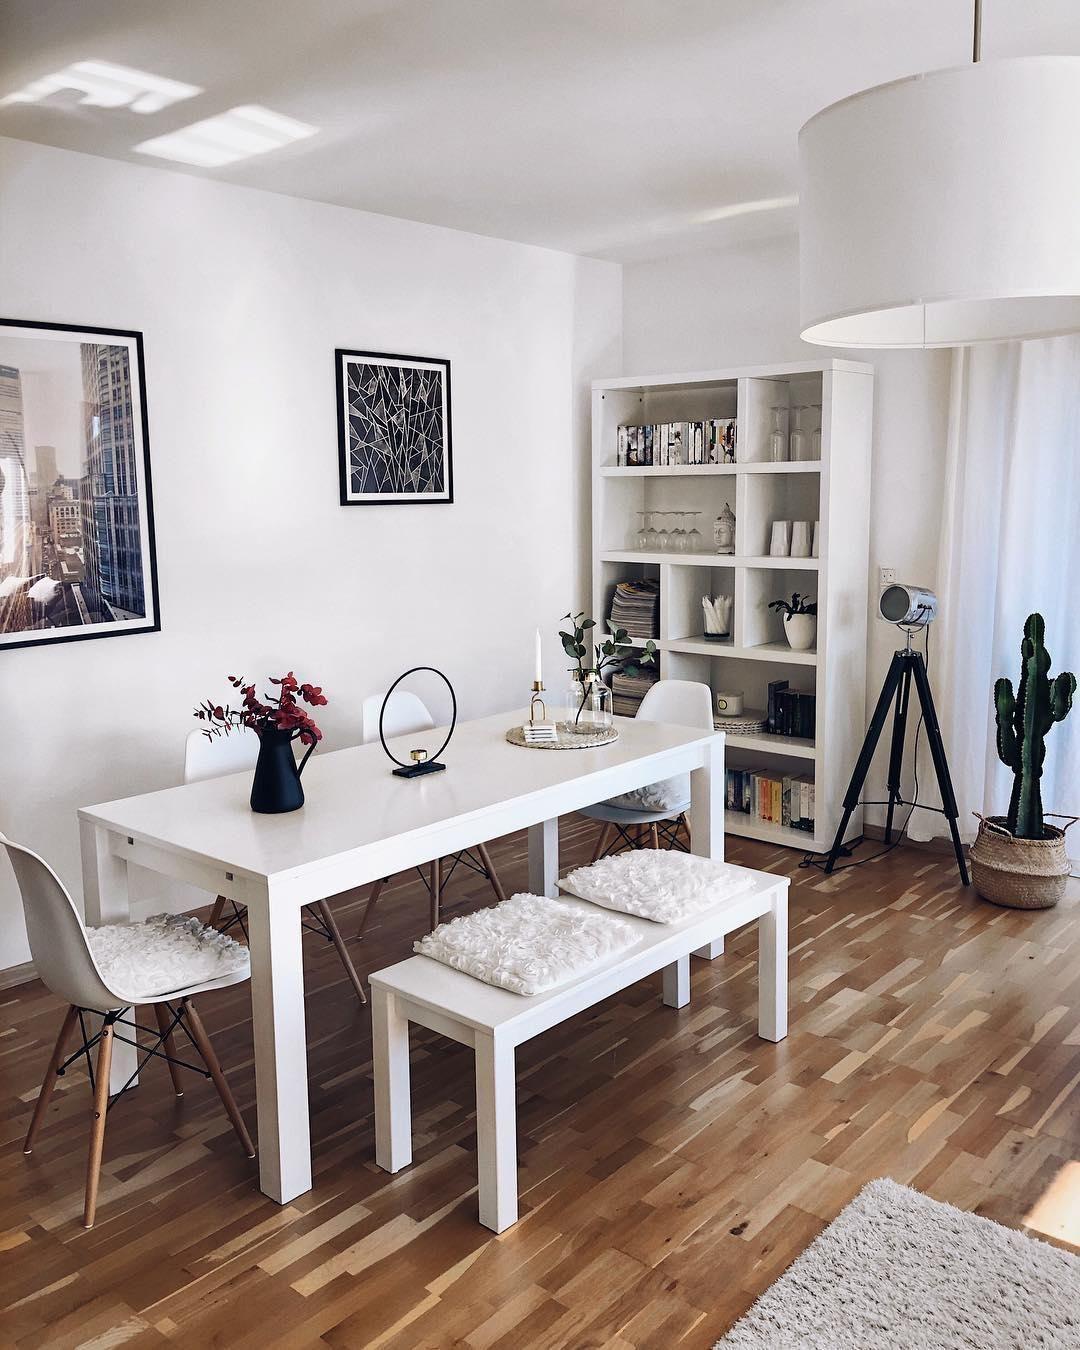 White Living In Diesem Wunderschonen Esszimmer Stimmt Einfach Jedes Detail Weisse Mobel Kombiniert Mit Ska Wohnung Einrichten Ideen Wohnung Esszimmer Wohnung